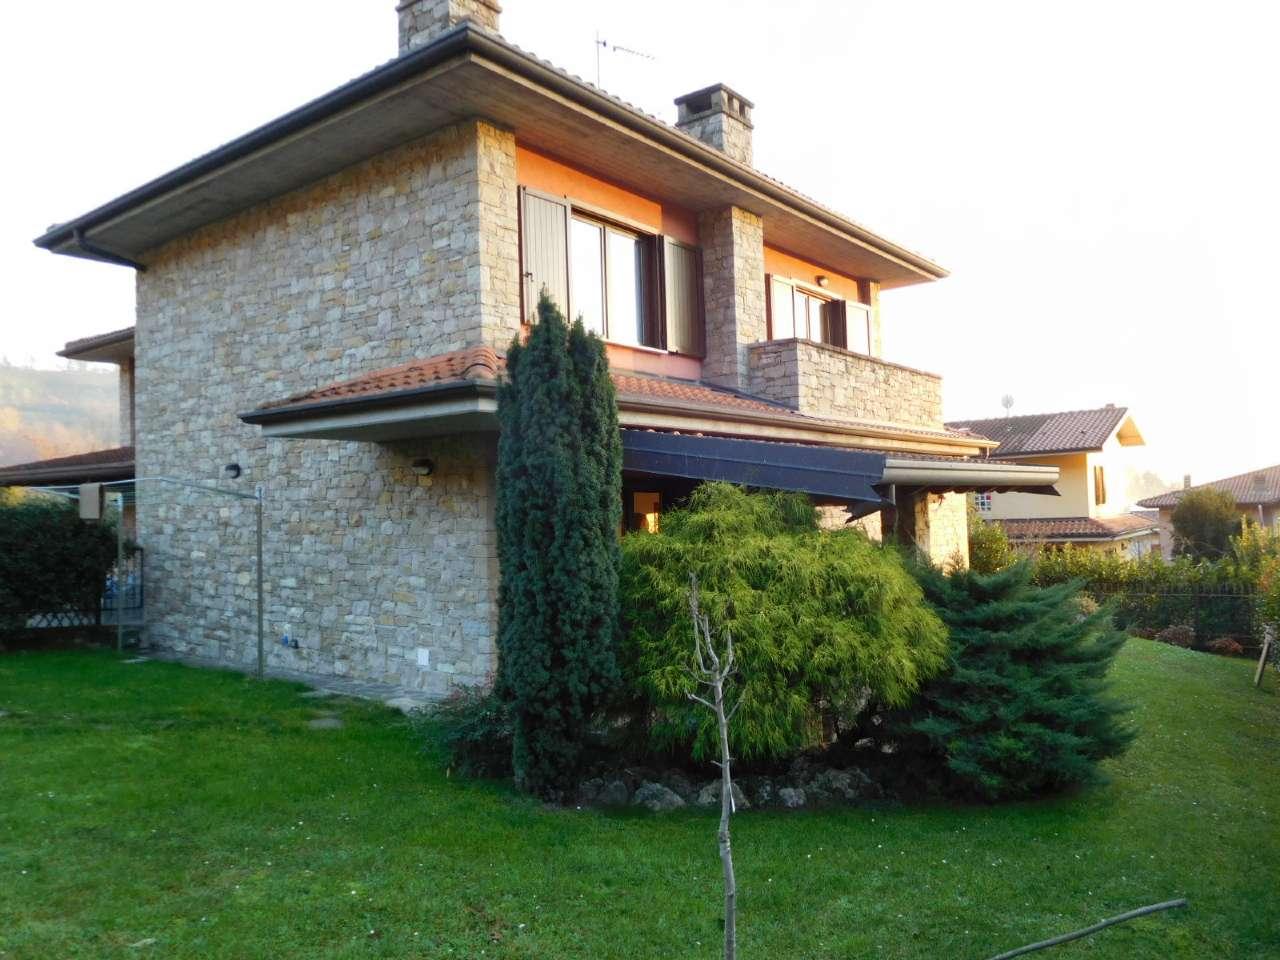 Villa Bifamiliare in vendita a Cenate Sopra, 4 locali, prezzo € 335.000 | Cambio Casa.it